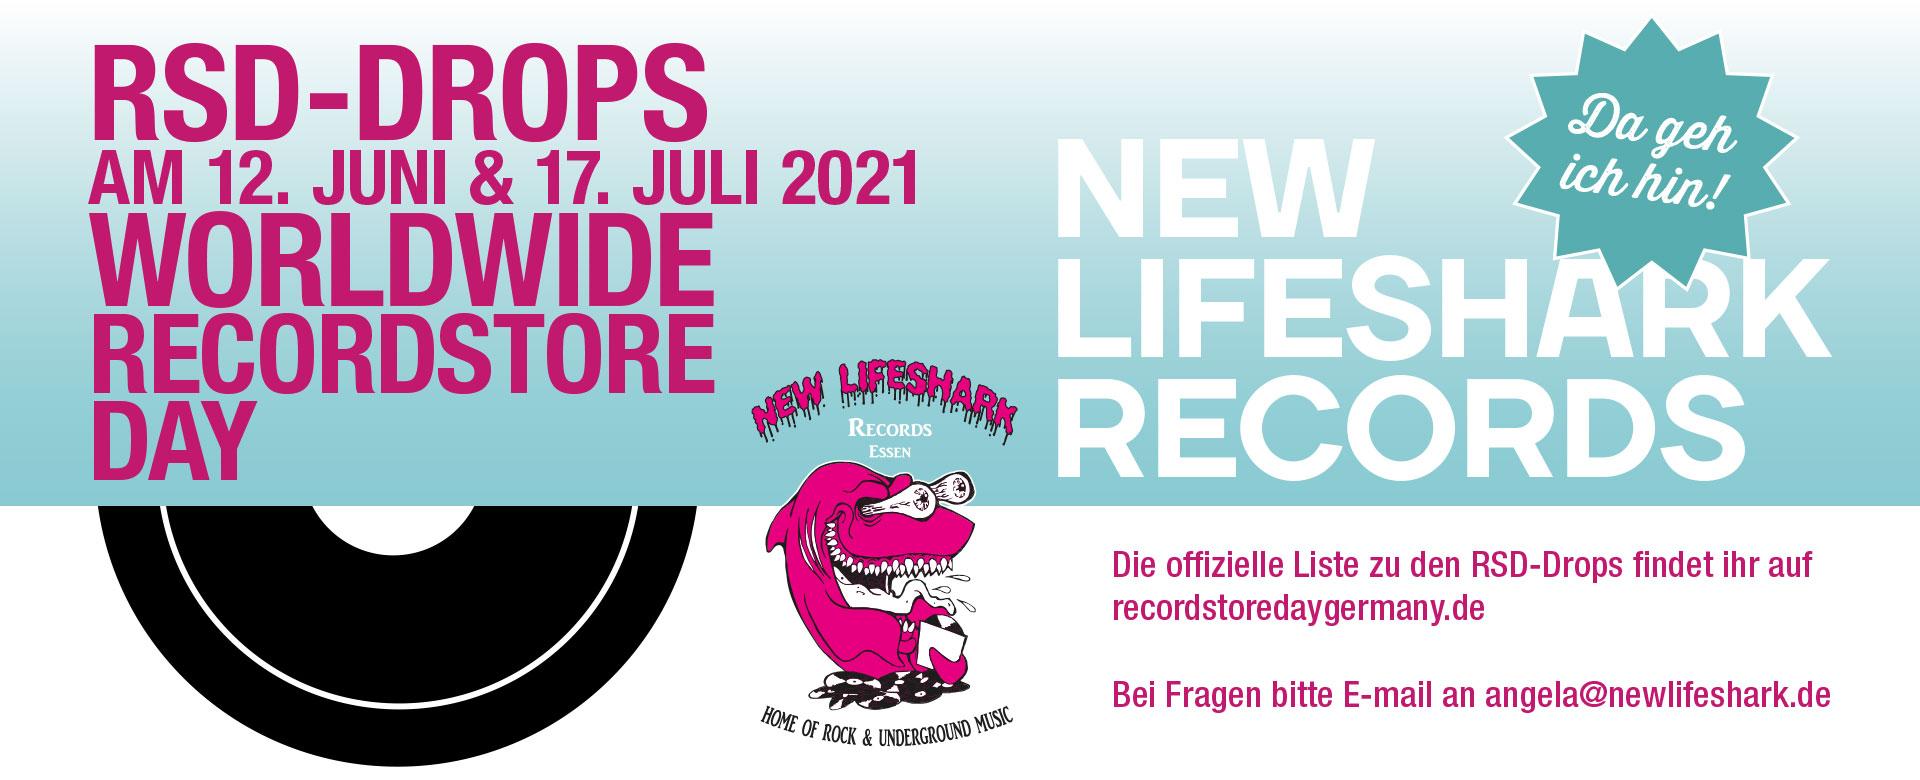 Recordstore Day 2021 bei New Lifeshark in Essen